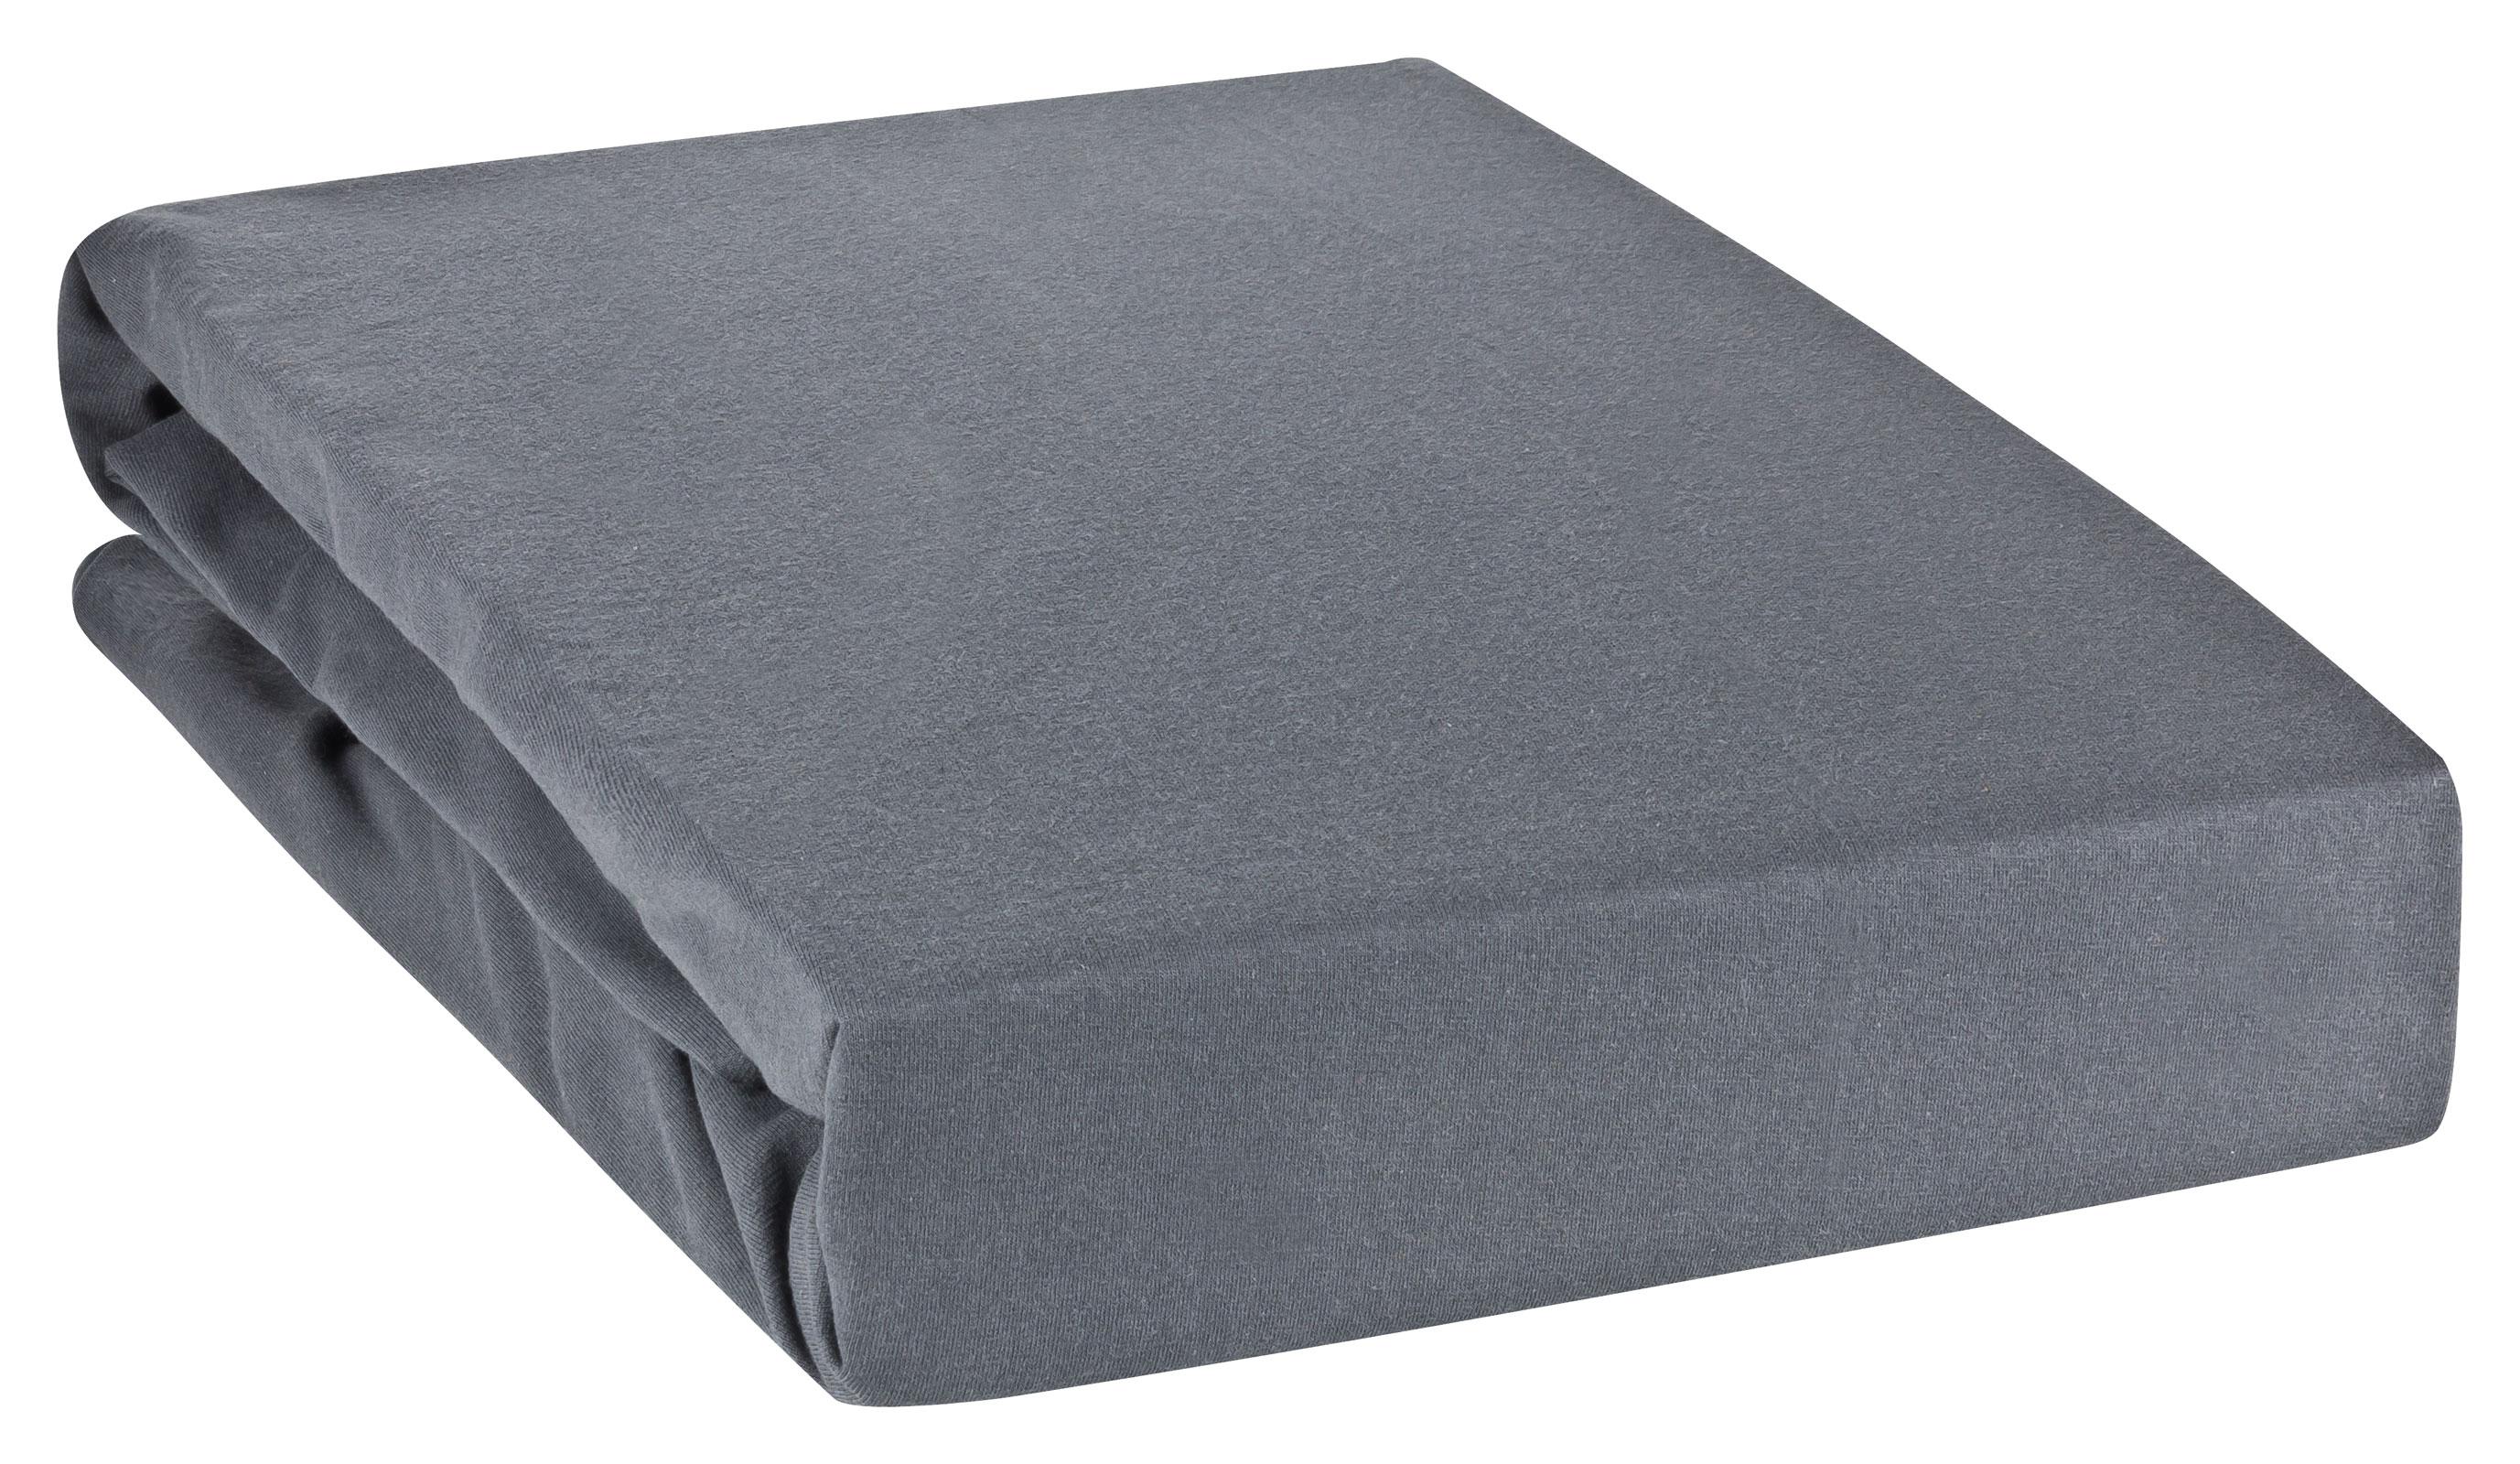 moon line silver wasserbett spannbettlaken xxl 200x220 220x240 190g m span ebay. Black Bedroom Furniture Sets. Home Design Ideas